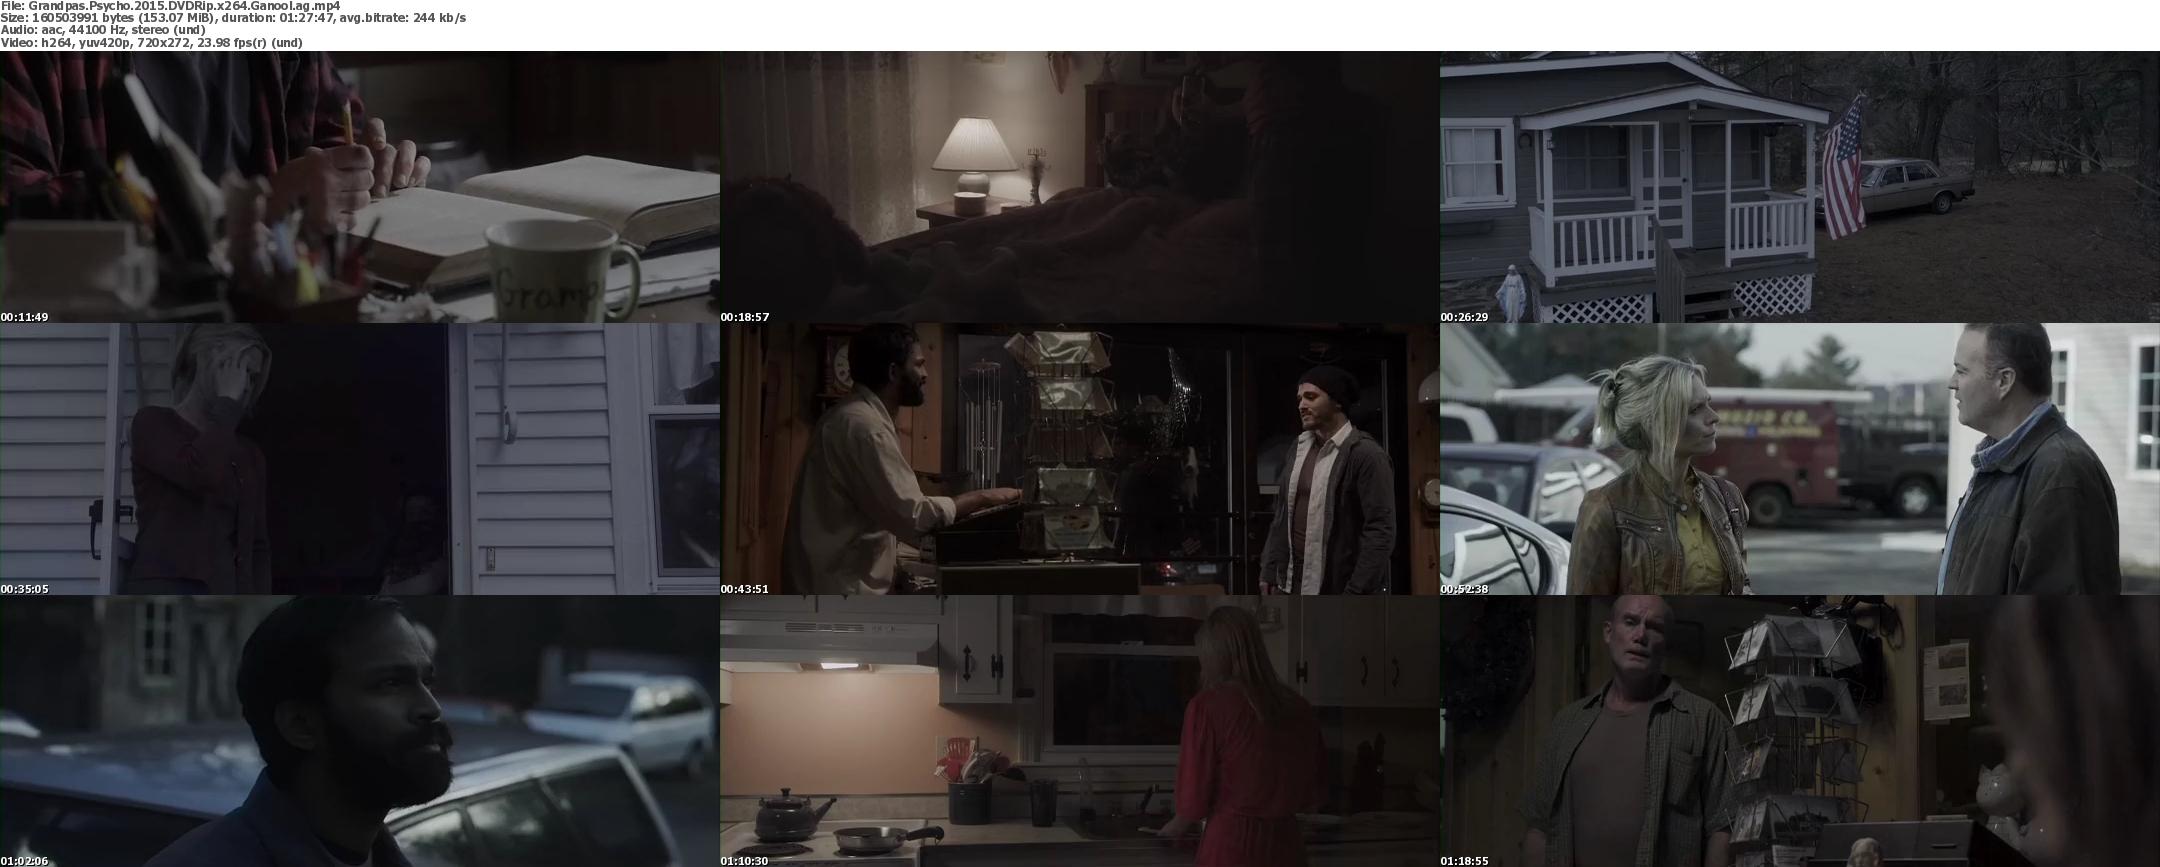 Grandpas.Psycho.2015.DVDRip.x264.Ganool.ag_s.jpg